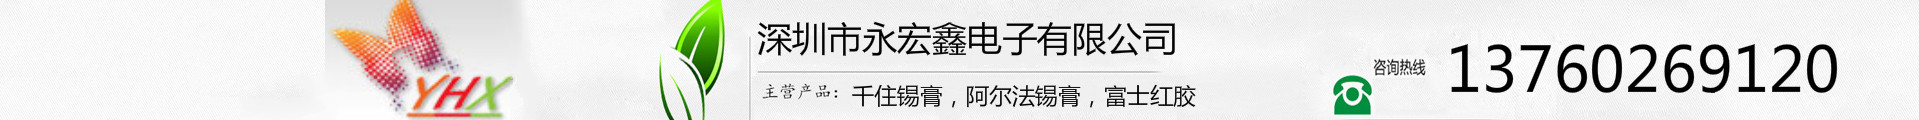 深圳市永宏鑫电子经营部